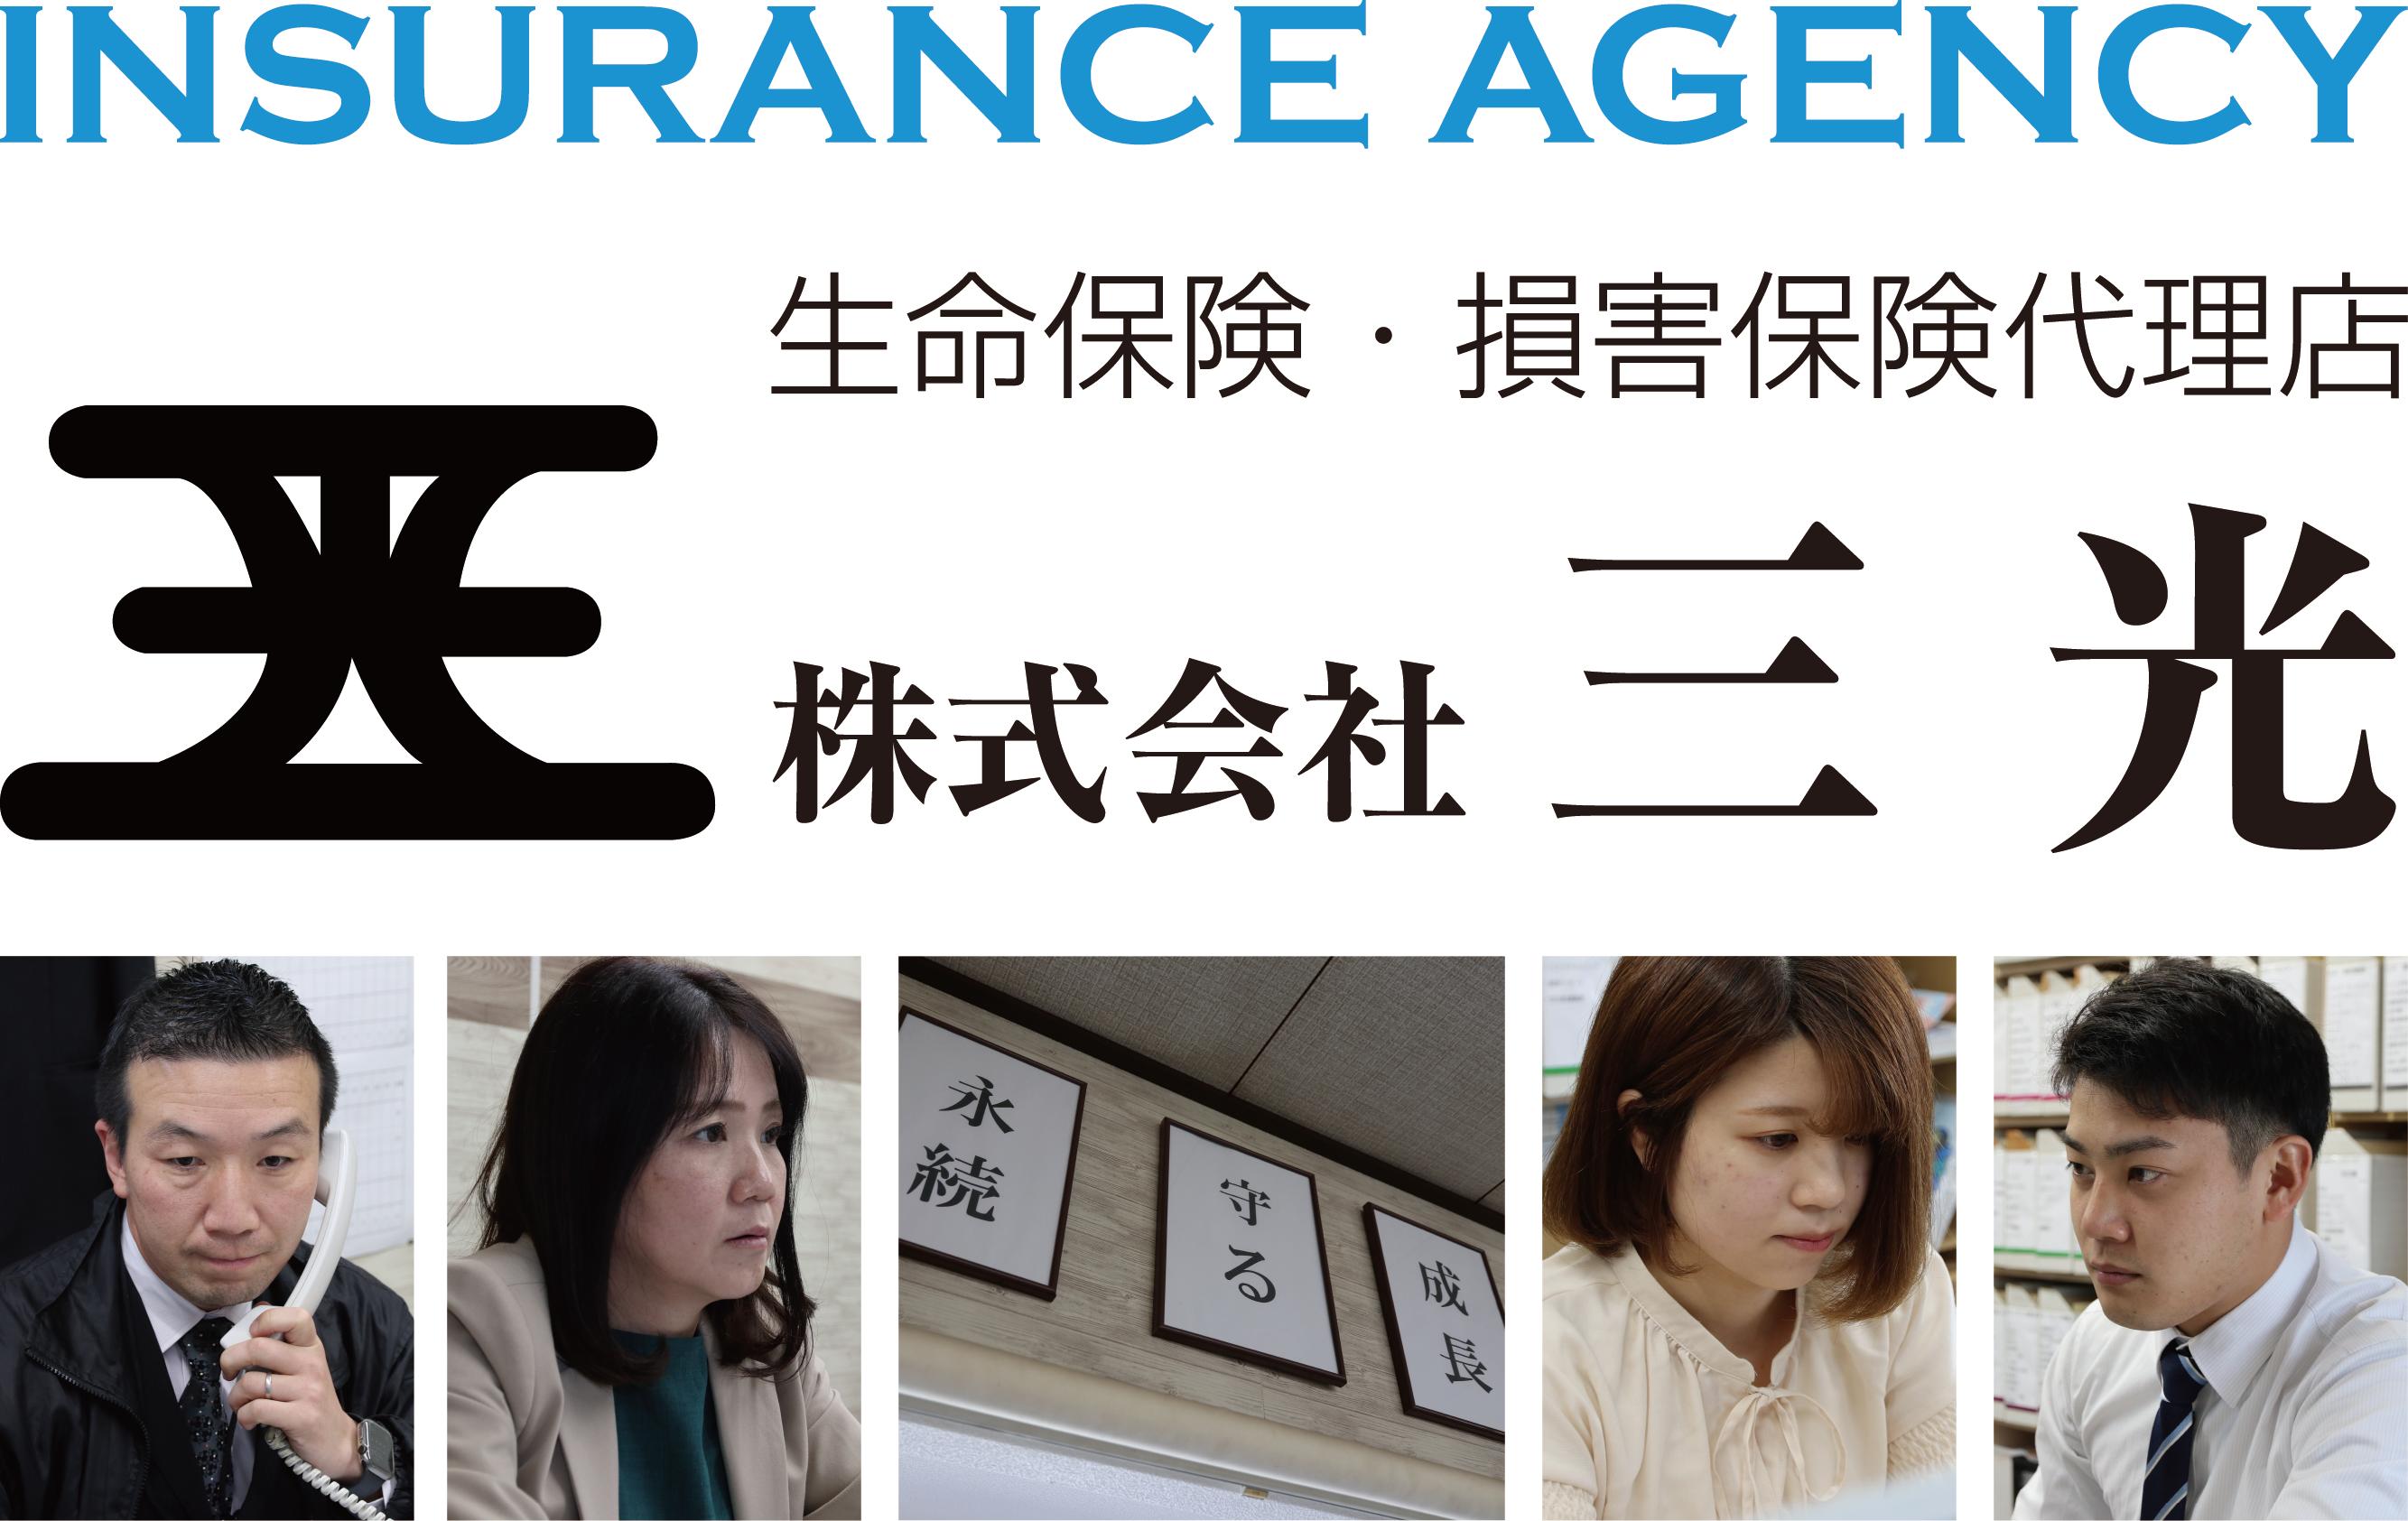 保険の三光|厚木市|生命保険・損害保険・自動車保険・火災保険・傷害保険・旅行保険・死亡保険・医療保険・ガン保険・個人年金のことなら